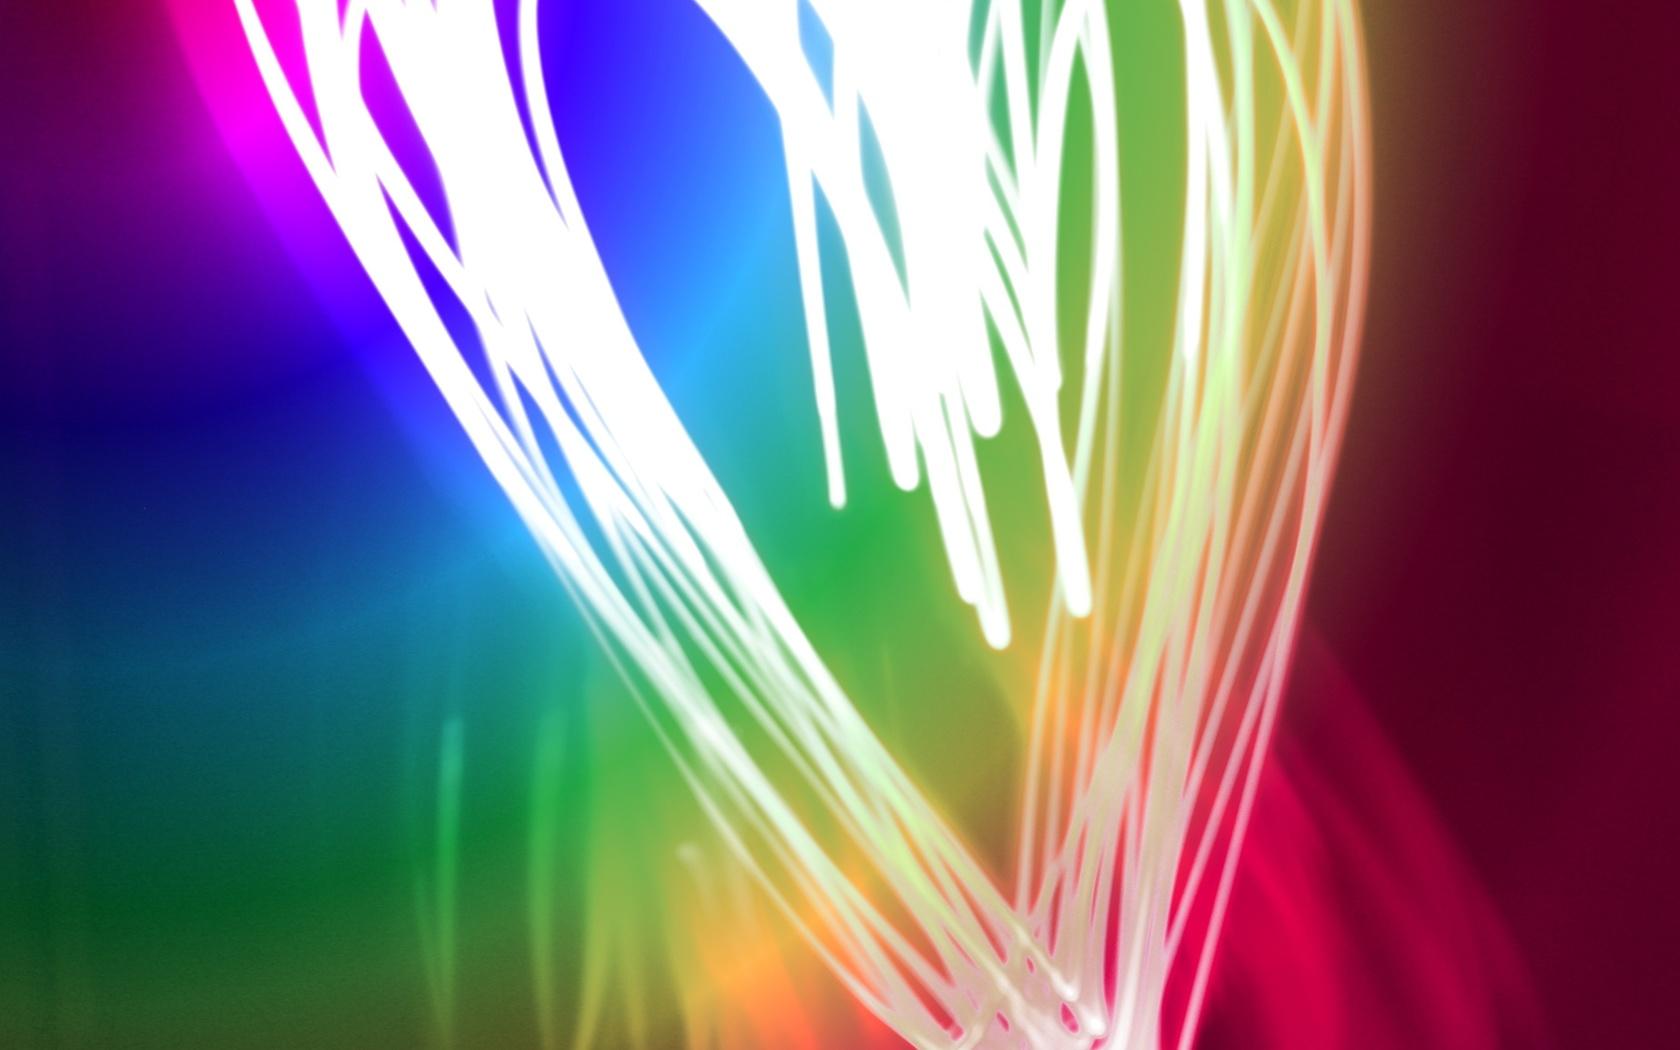 сердце, краски, цвета, неон, свет, heart, colors